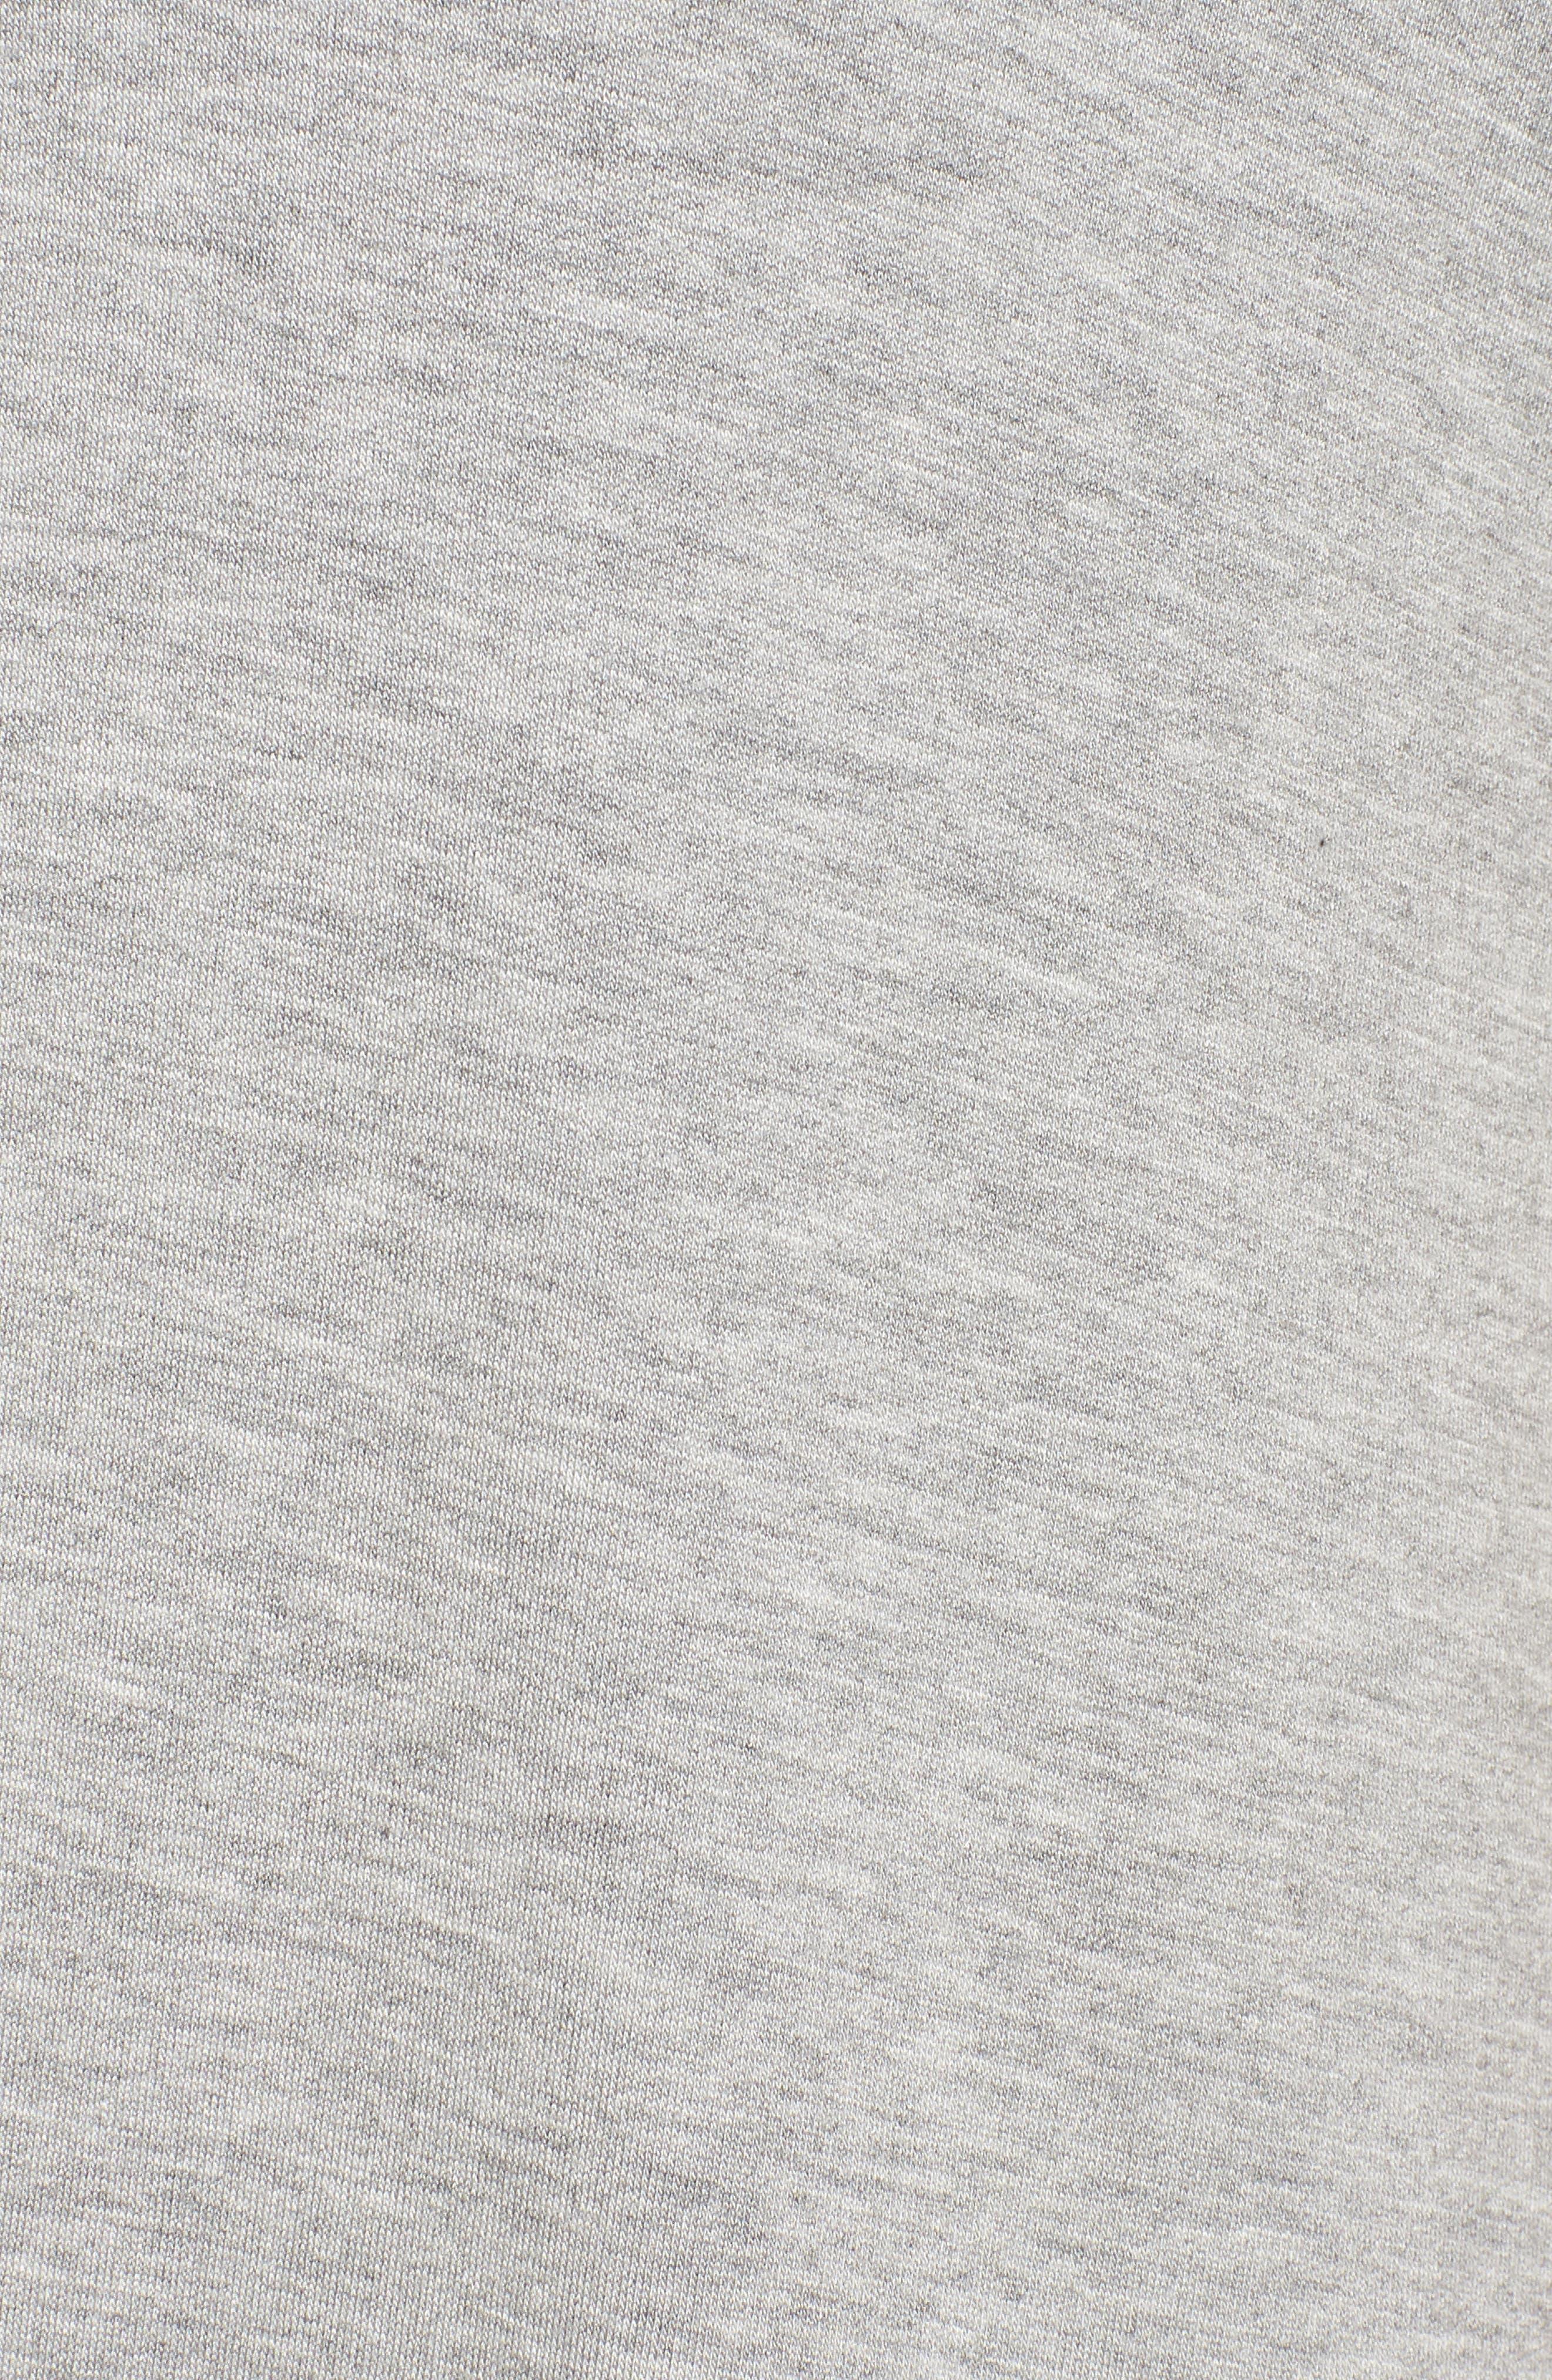 It's All Hoodie Hooded Sweatshirt Dress,                             Alternate thumbnail 6, color,                             023